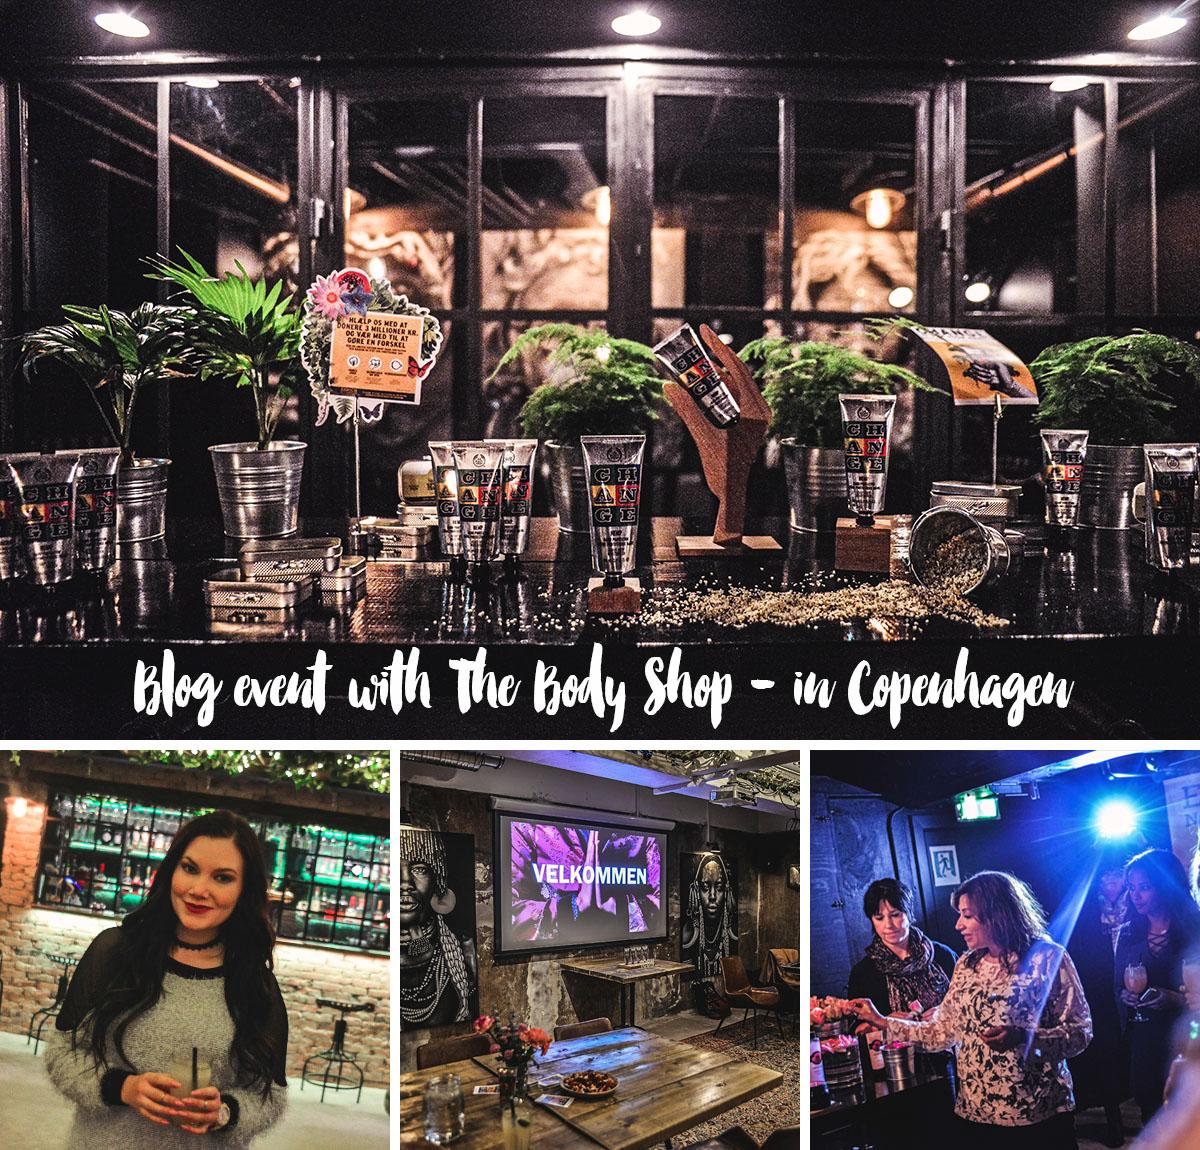 Våren 2016 hos The Body Shop - bloggevent i Köpenhamn